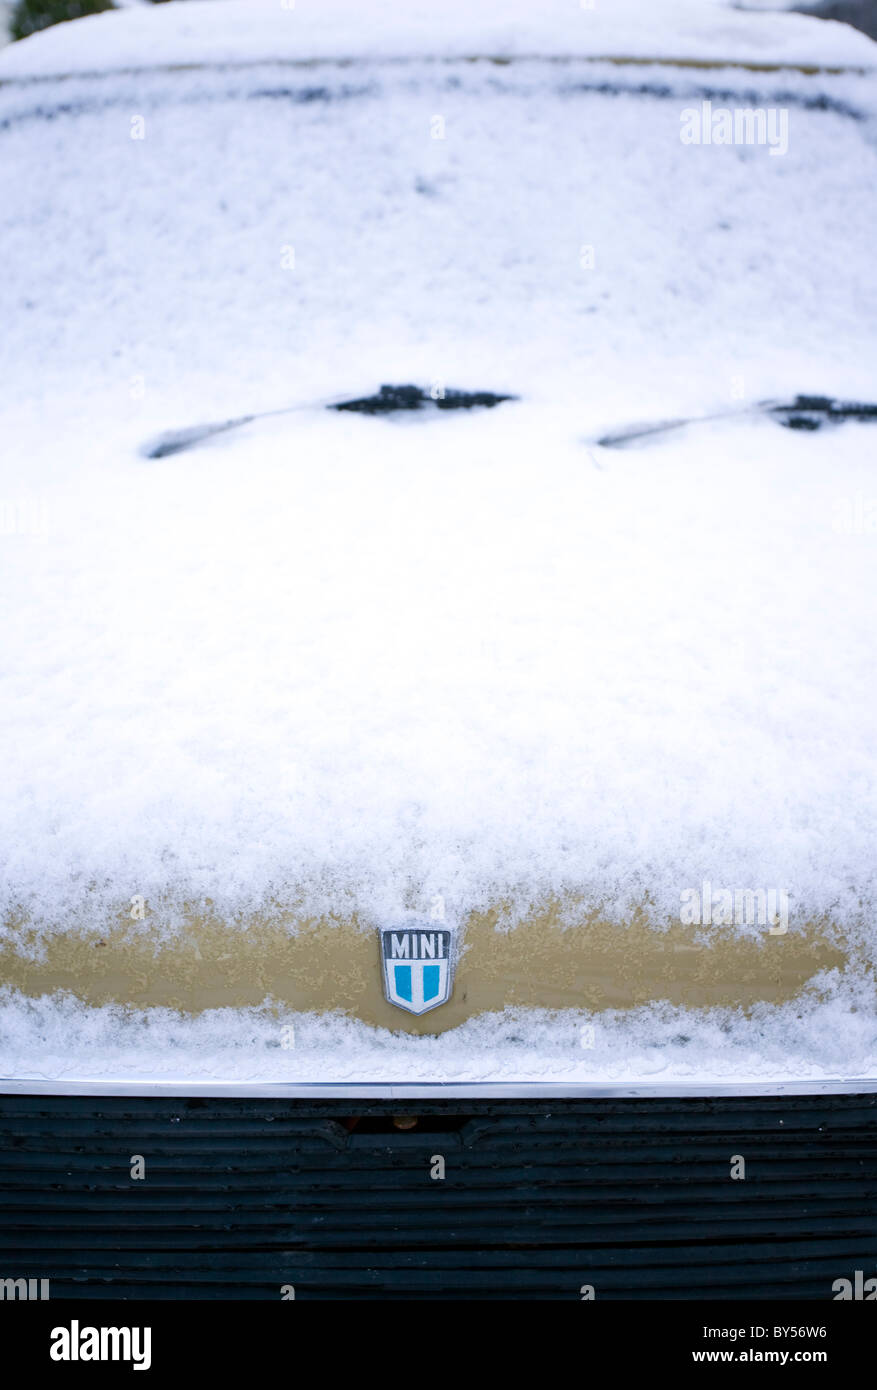 Une vieille mini car recouvert de neige avec son badge montrant Photo Stock